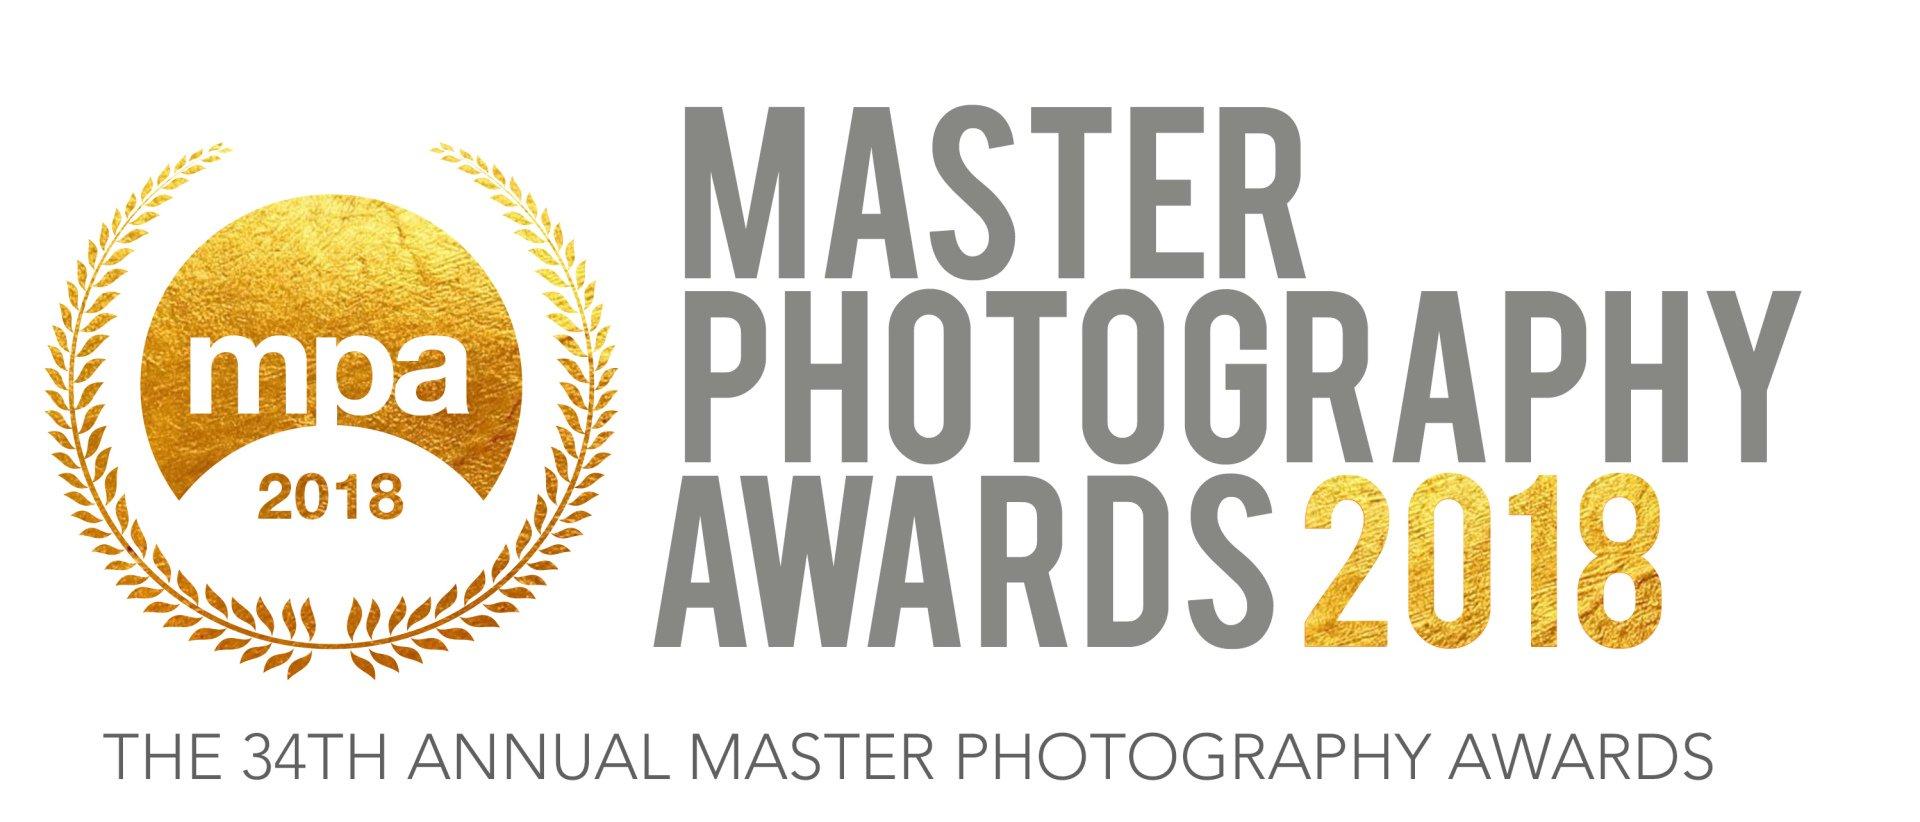 mpa+awards+2018.jpg